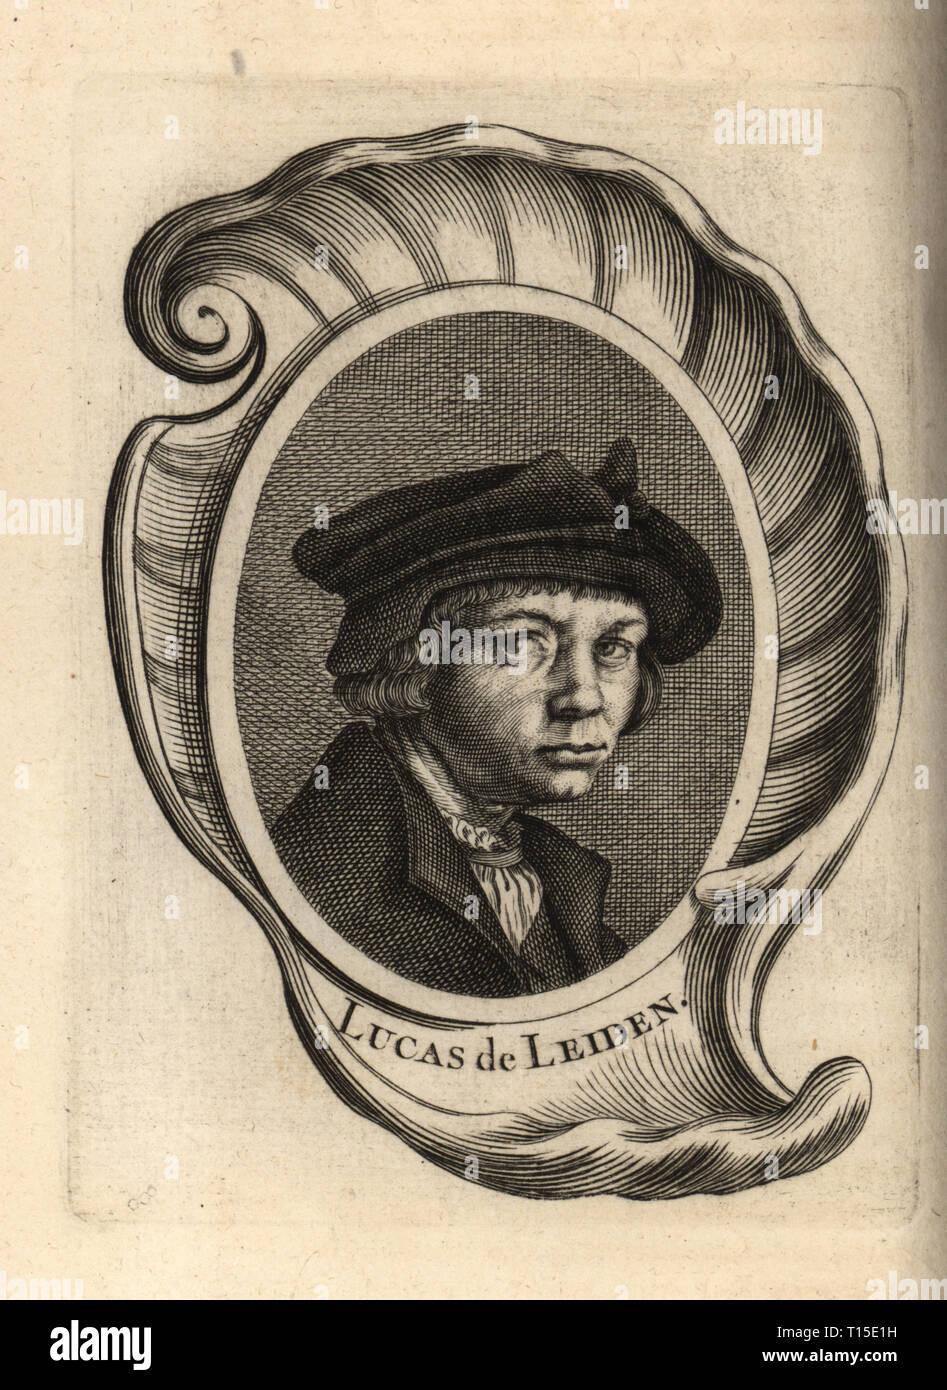 Portrait of Lucas van Leyden, Dutch painter and printmaker 1494-1533. Lucas de Leiden. Copperplate engraving after a self portrait by van Leyden from Antoine-Joseph Dezallier d'Argenville's Abrege de la vie des plus fameux peintres, Lives of the most Famous Artists, de Bure l'Aine, Paris, 1762. - Stock Image